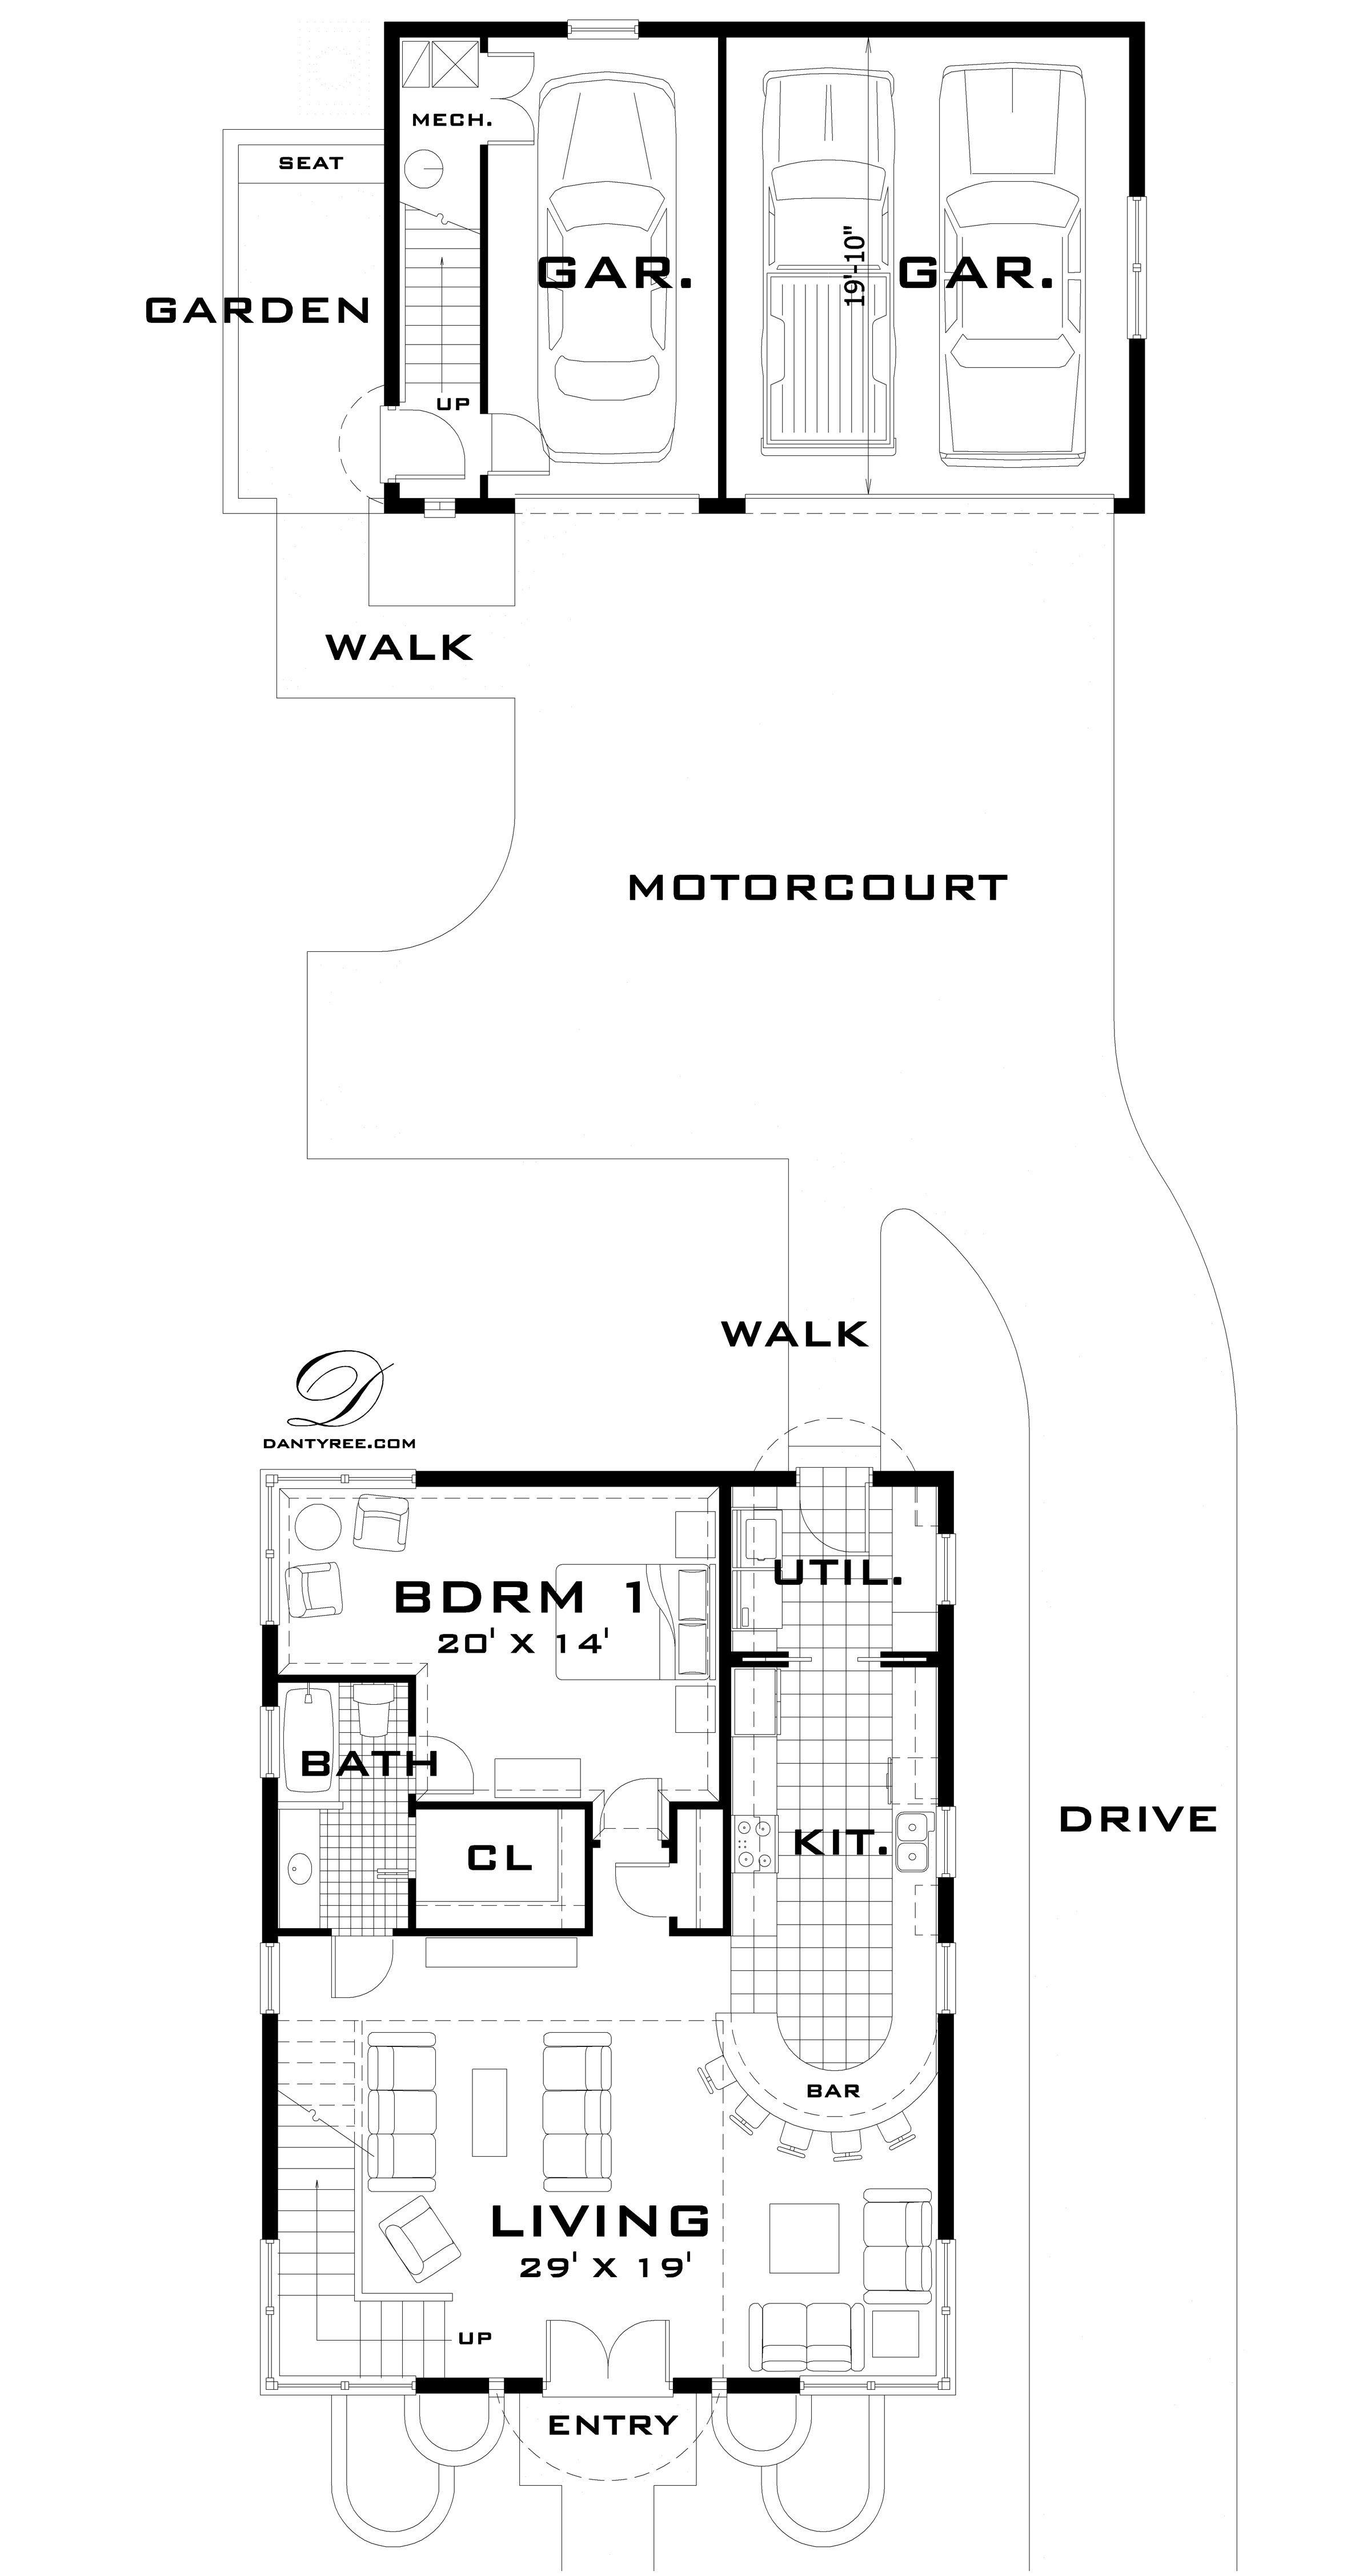 DanTyree.com | Modern House Plans, Unique House Plans, Castle House ...